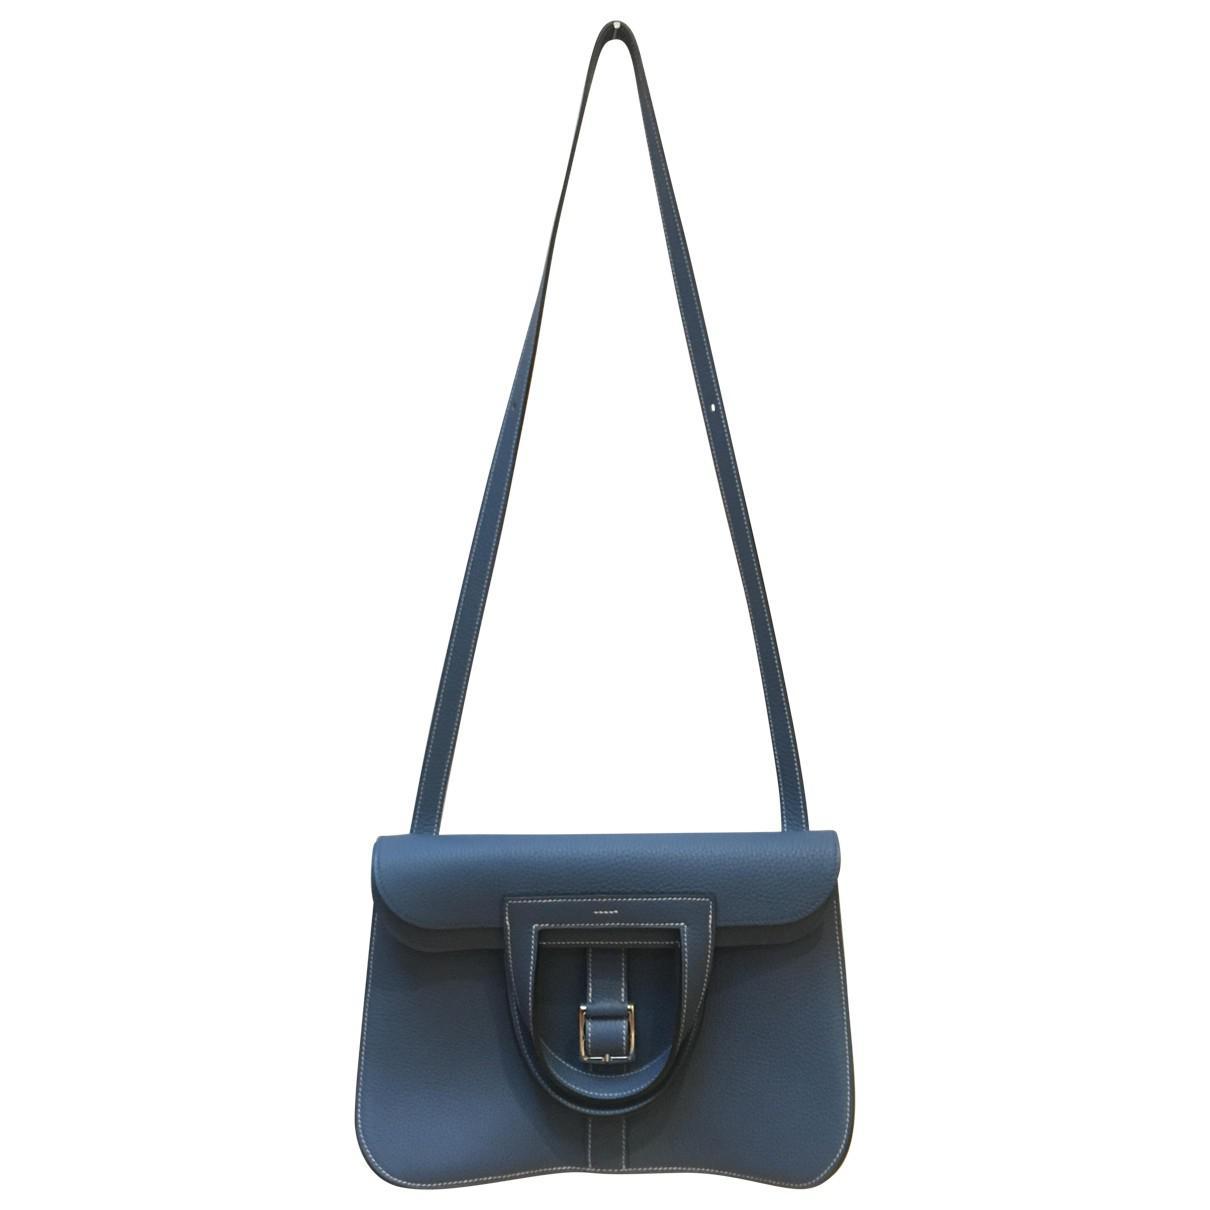 ae5f2ad950b5 Lyst - Hermès Halzan Leather Crossbody Bag in Blue